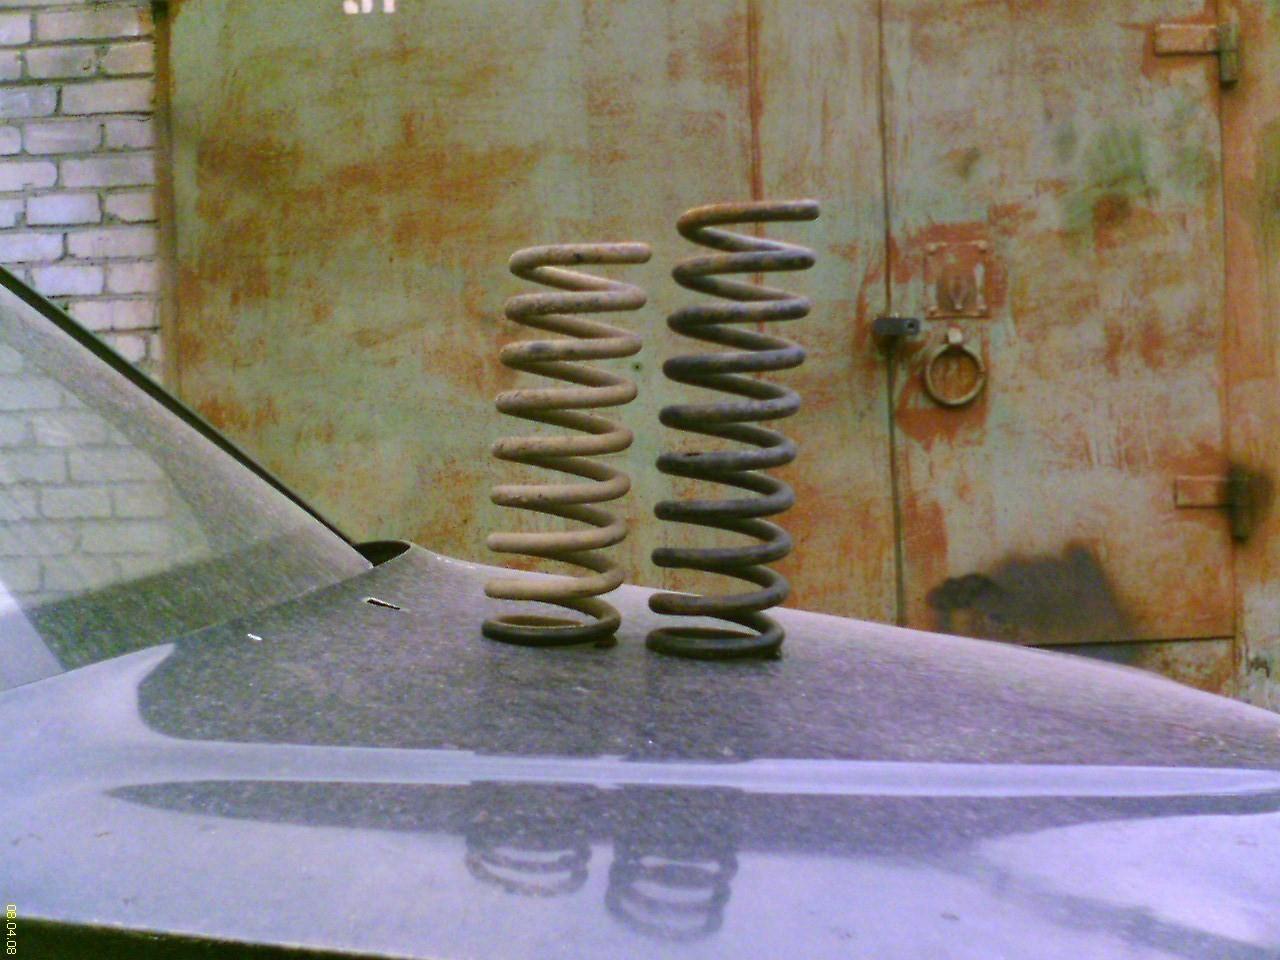 схема замка вала рулевого управления мерседес е210